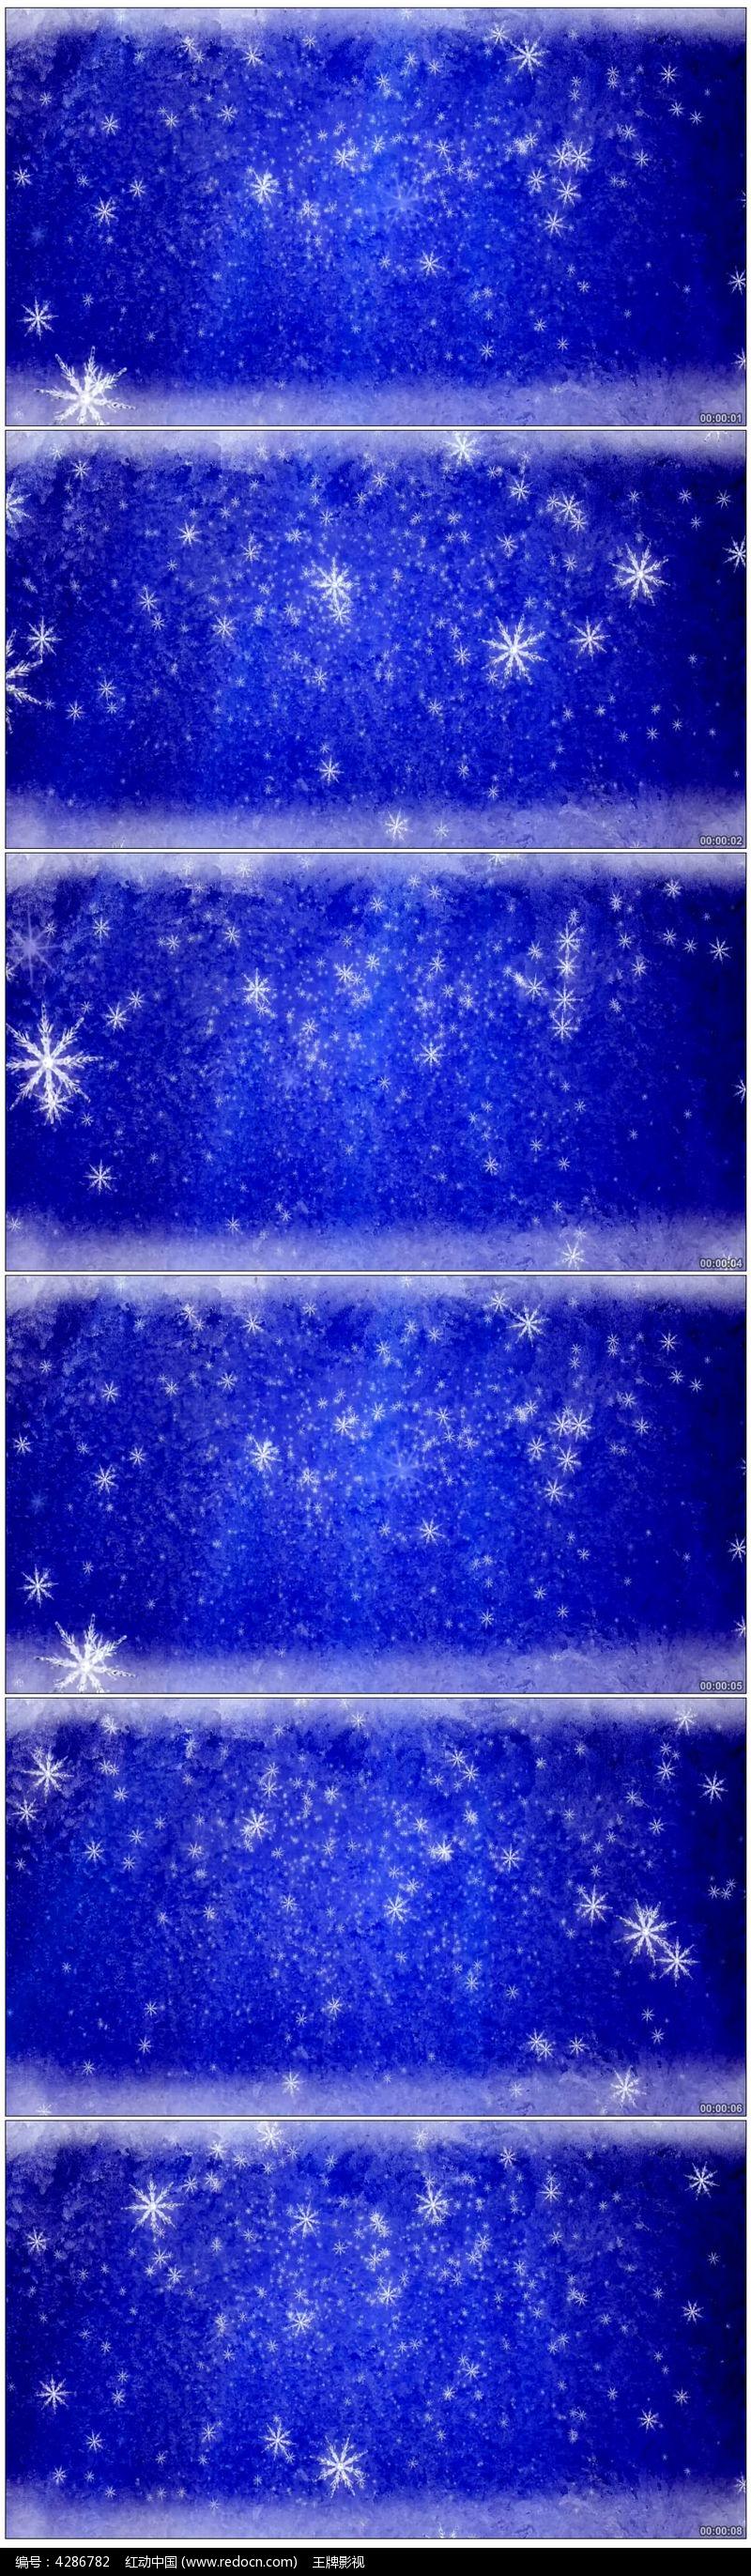 蓝色动态背景雪花飘落视频图片